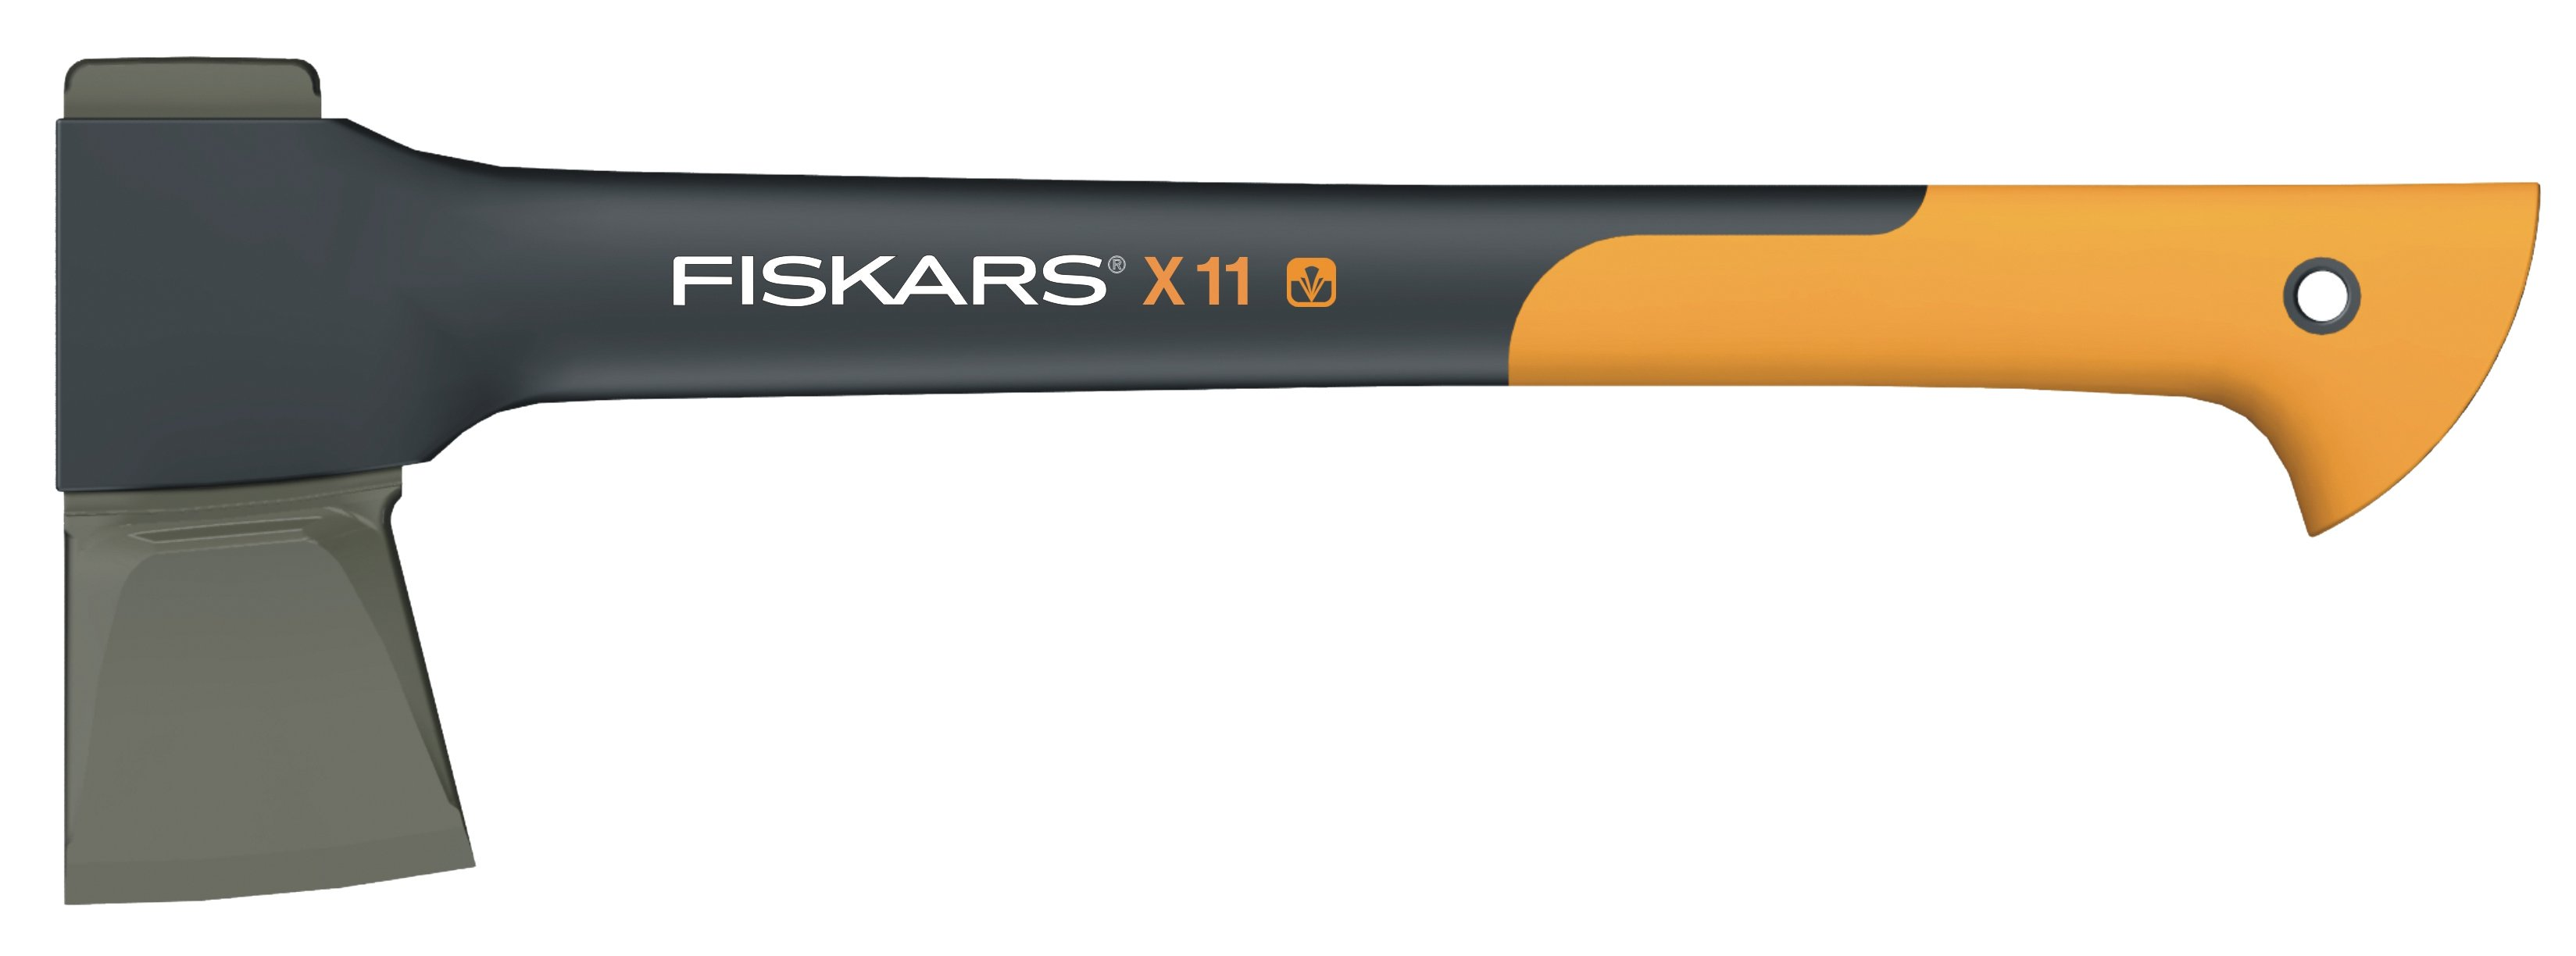 Fiskars - Splitting Axe X11